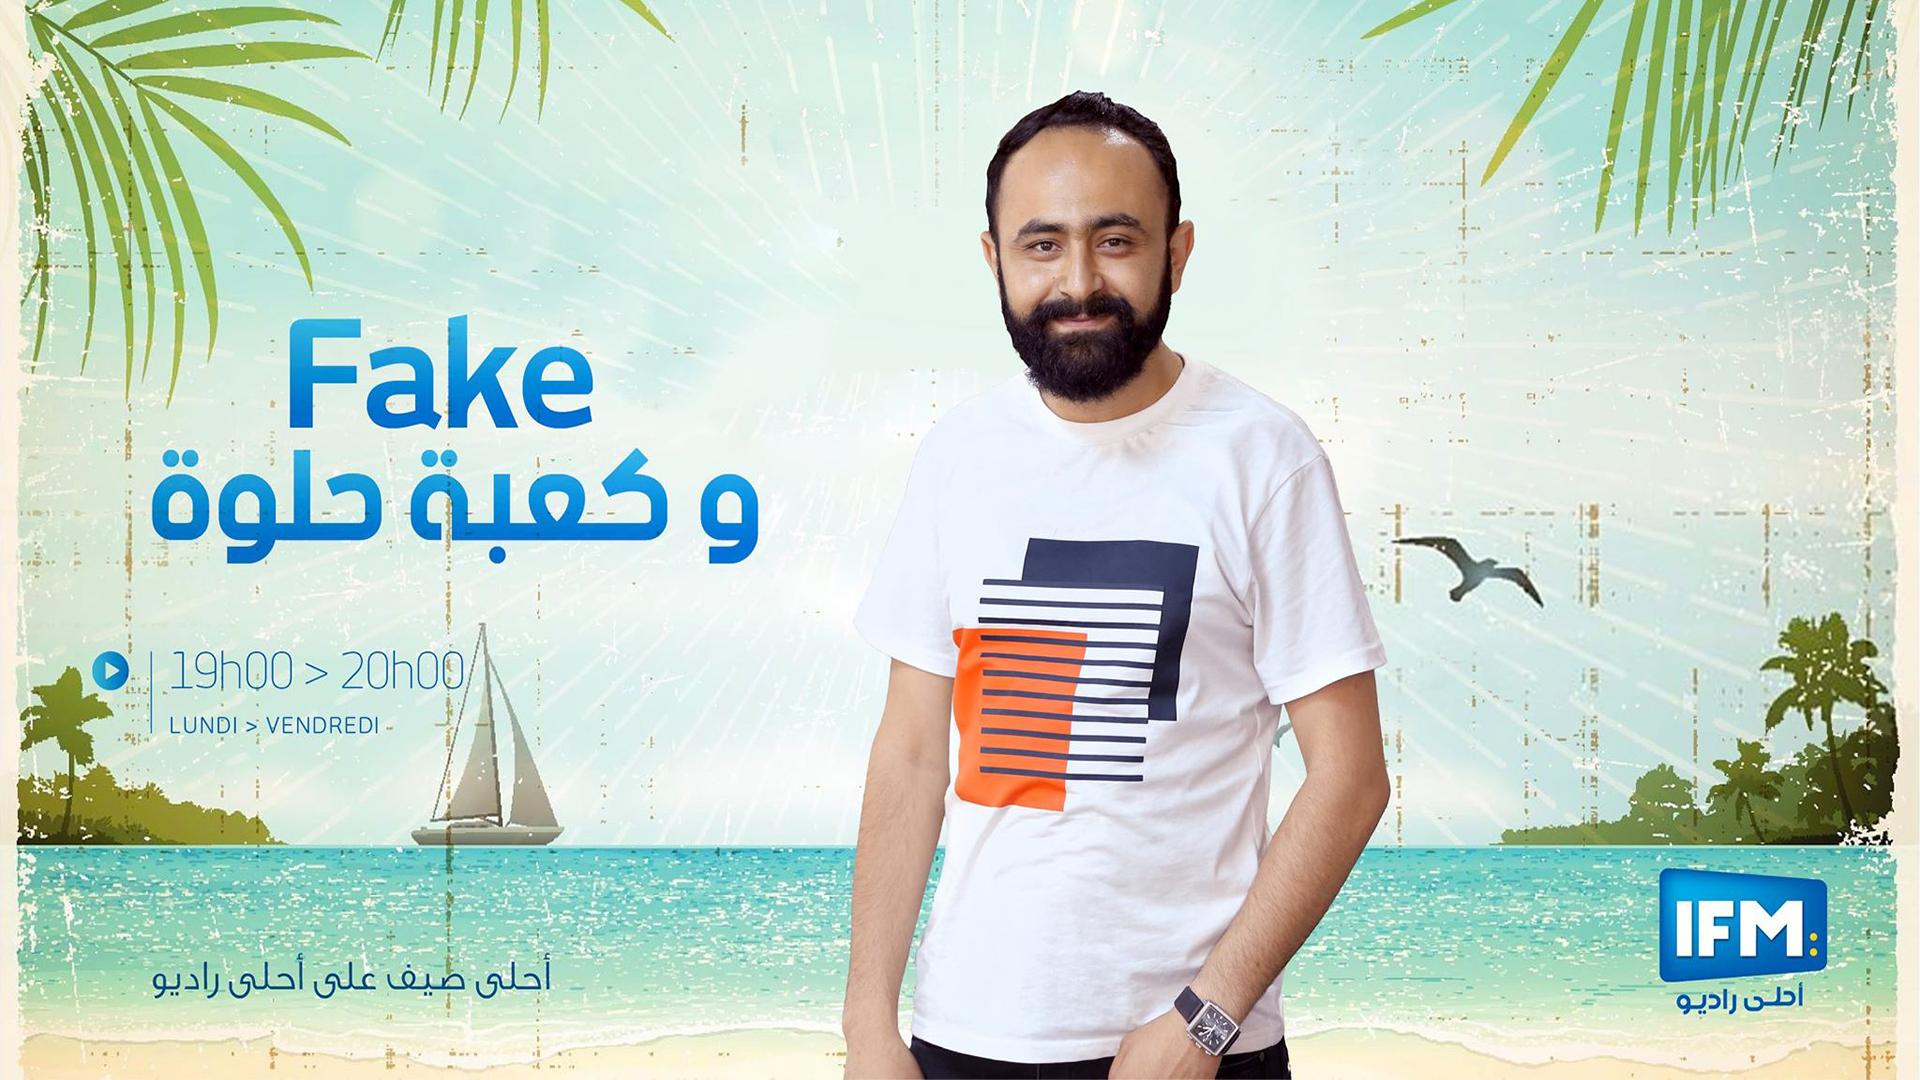 مع حاتم فايك و كعبة حلوى ويكيليكس : الشاهد و الناتفليكس